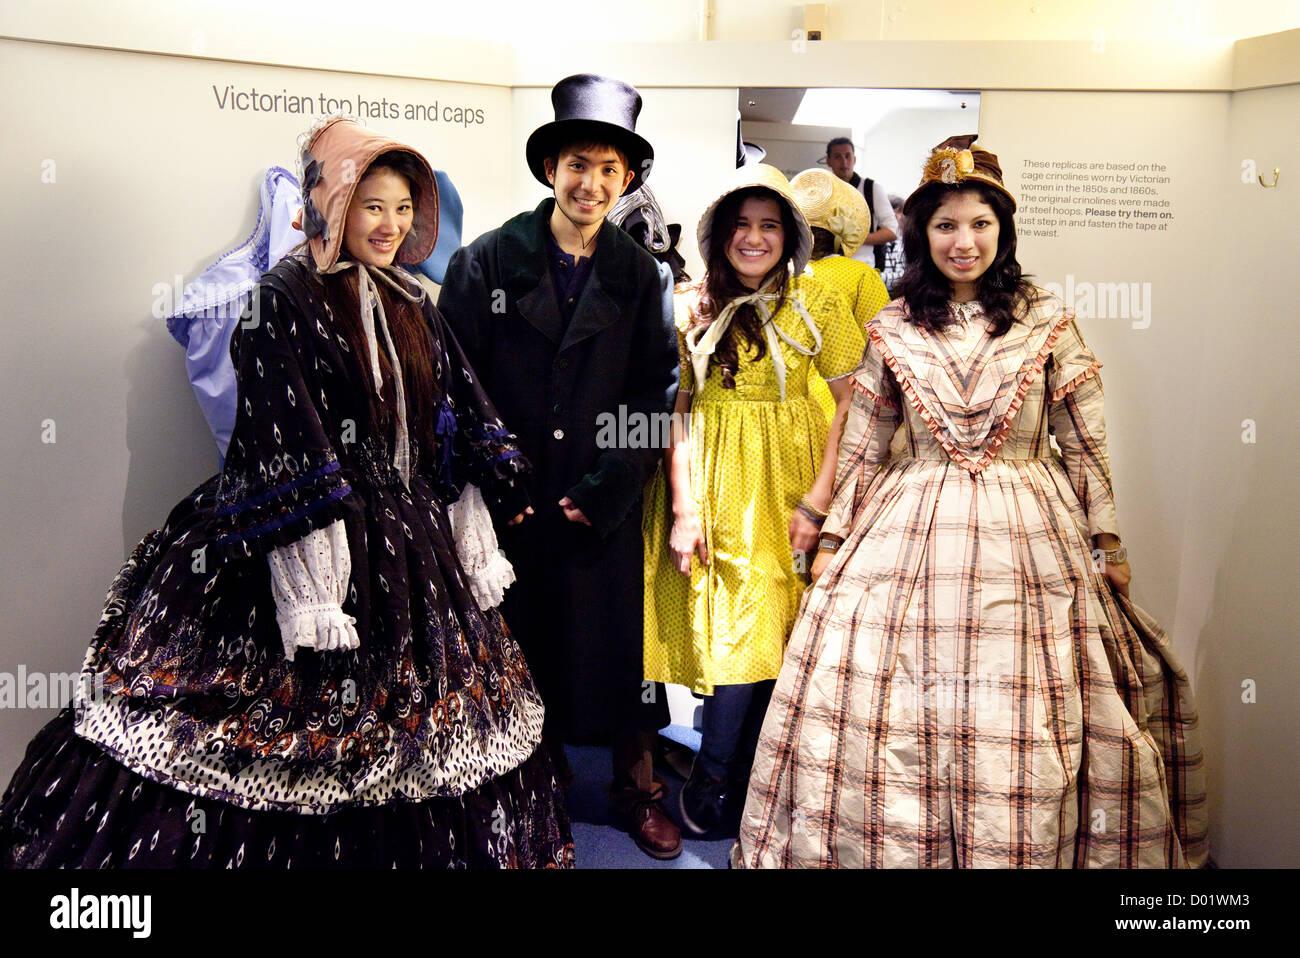 Turistas tratando en trajes de estilo victoriano en el Museo de la moda, Bath Somerset UK Imagen De Stock